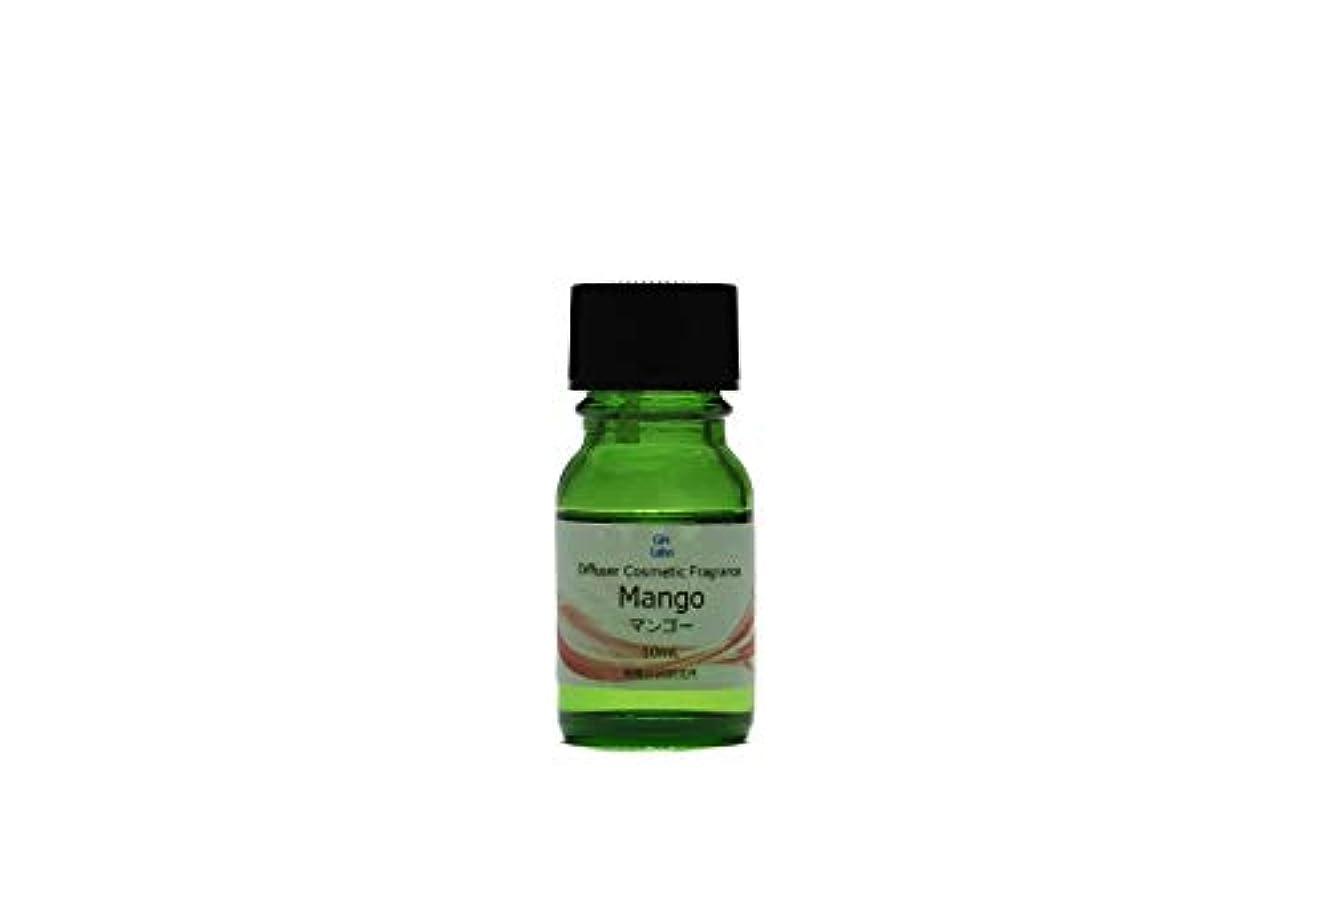 オンスプログラム予防接種マンゴー フレグランス 香料 ディフューザー アロマオイル 手作り 化粧品用